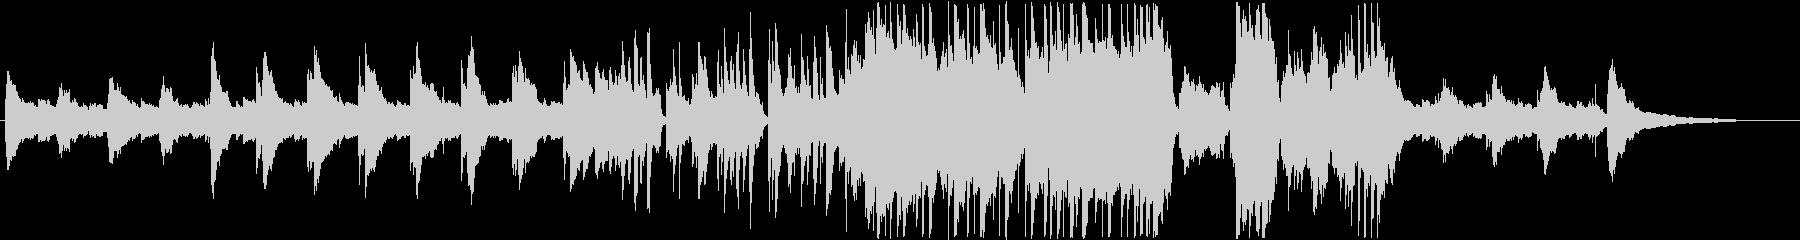 民族楽器の響きが優しい癒し系スローBGMの未再生の波形